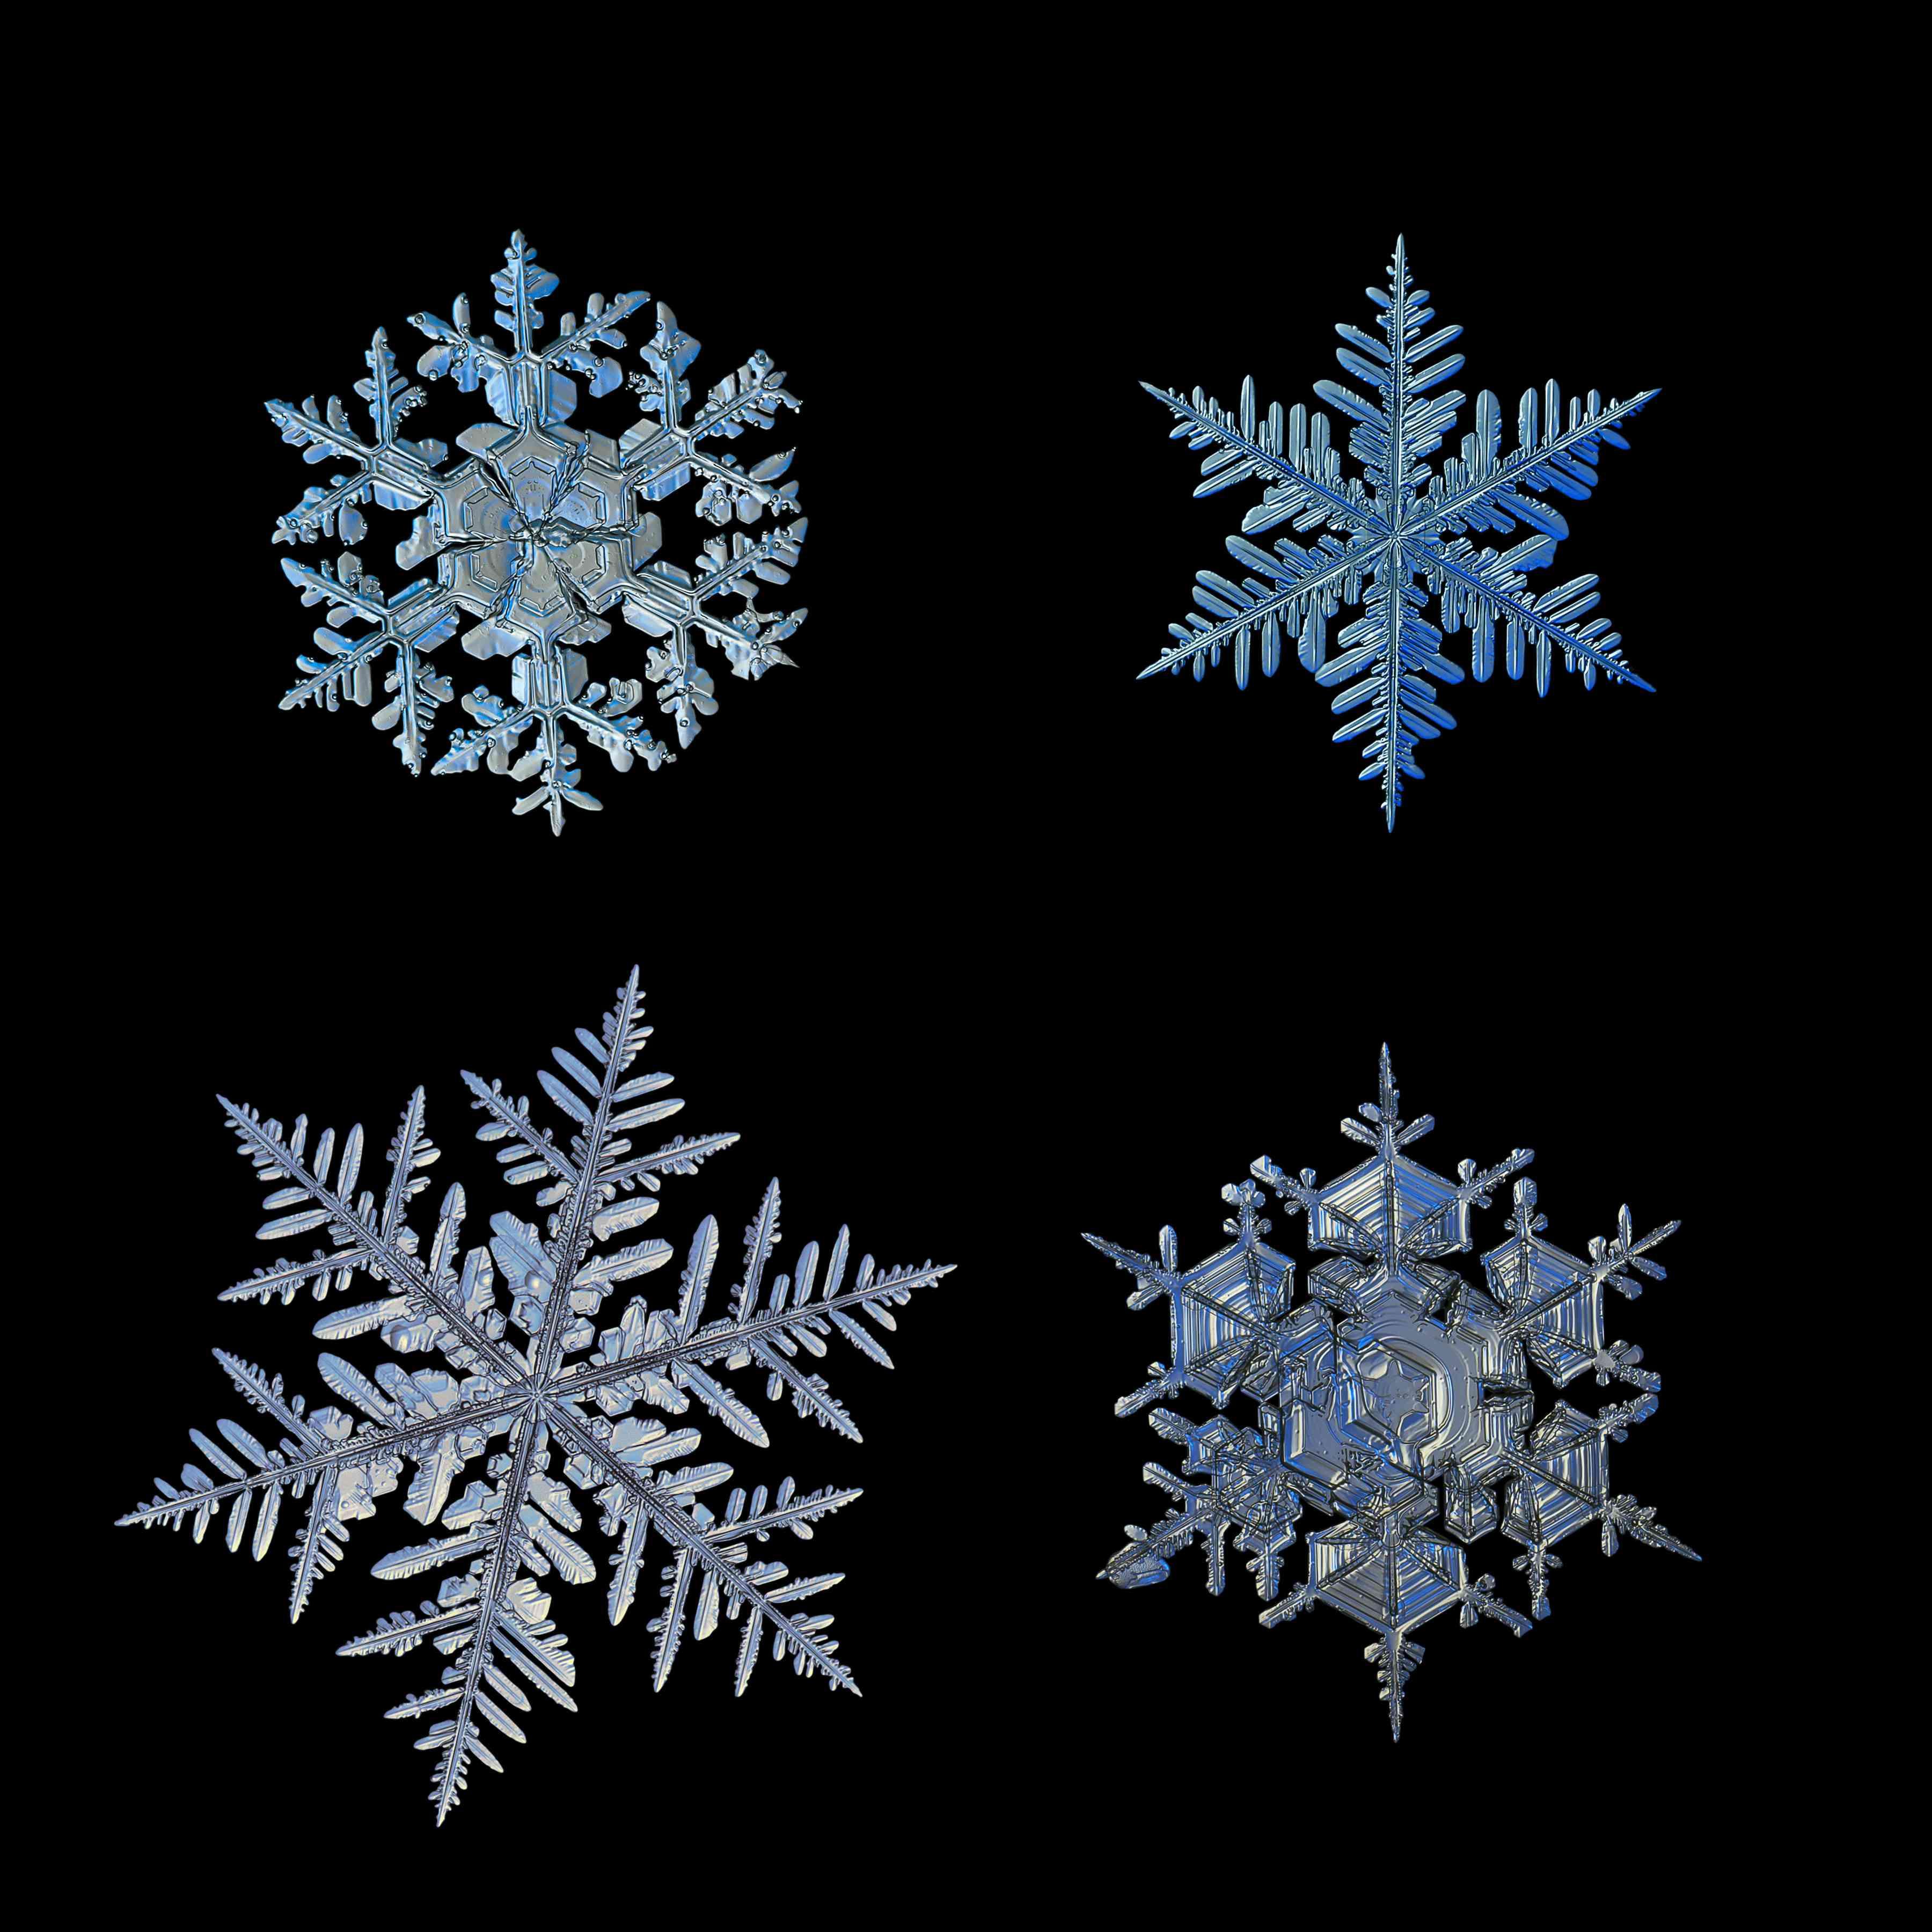 four macro snowflakes on black background